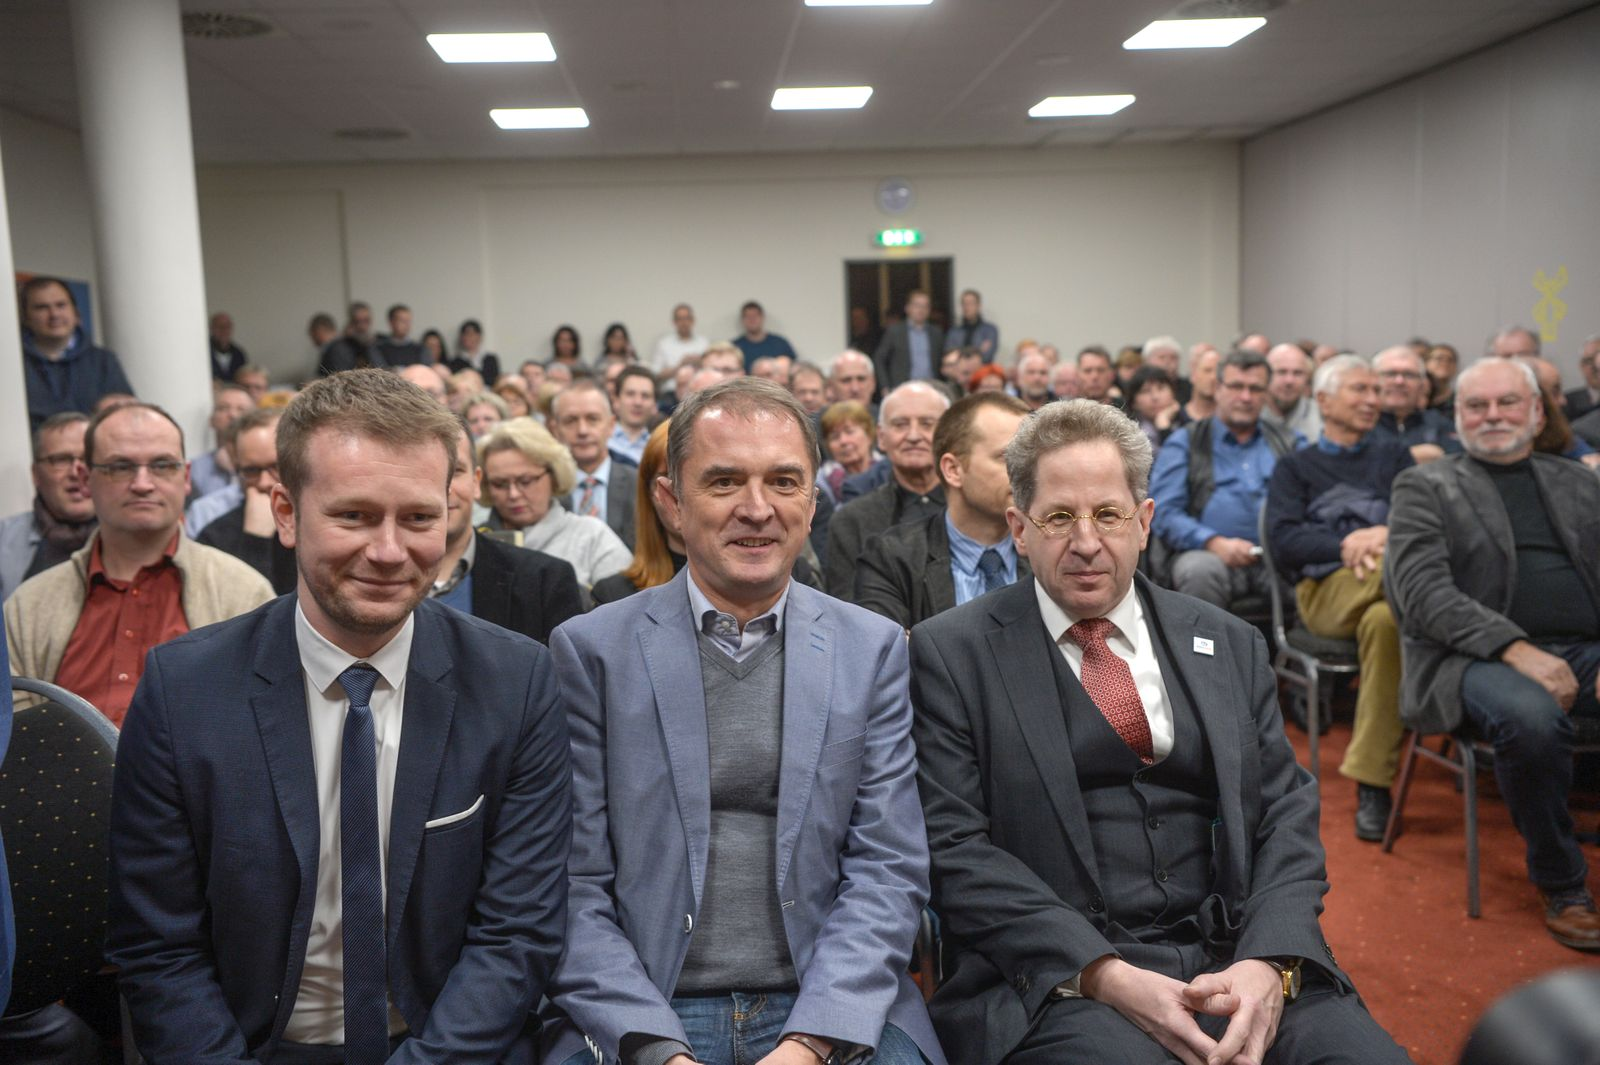 Ehemaliger Bundesverfassungsschutzpräsident Maaßen in Landsberg